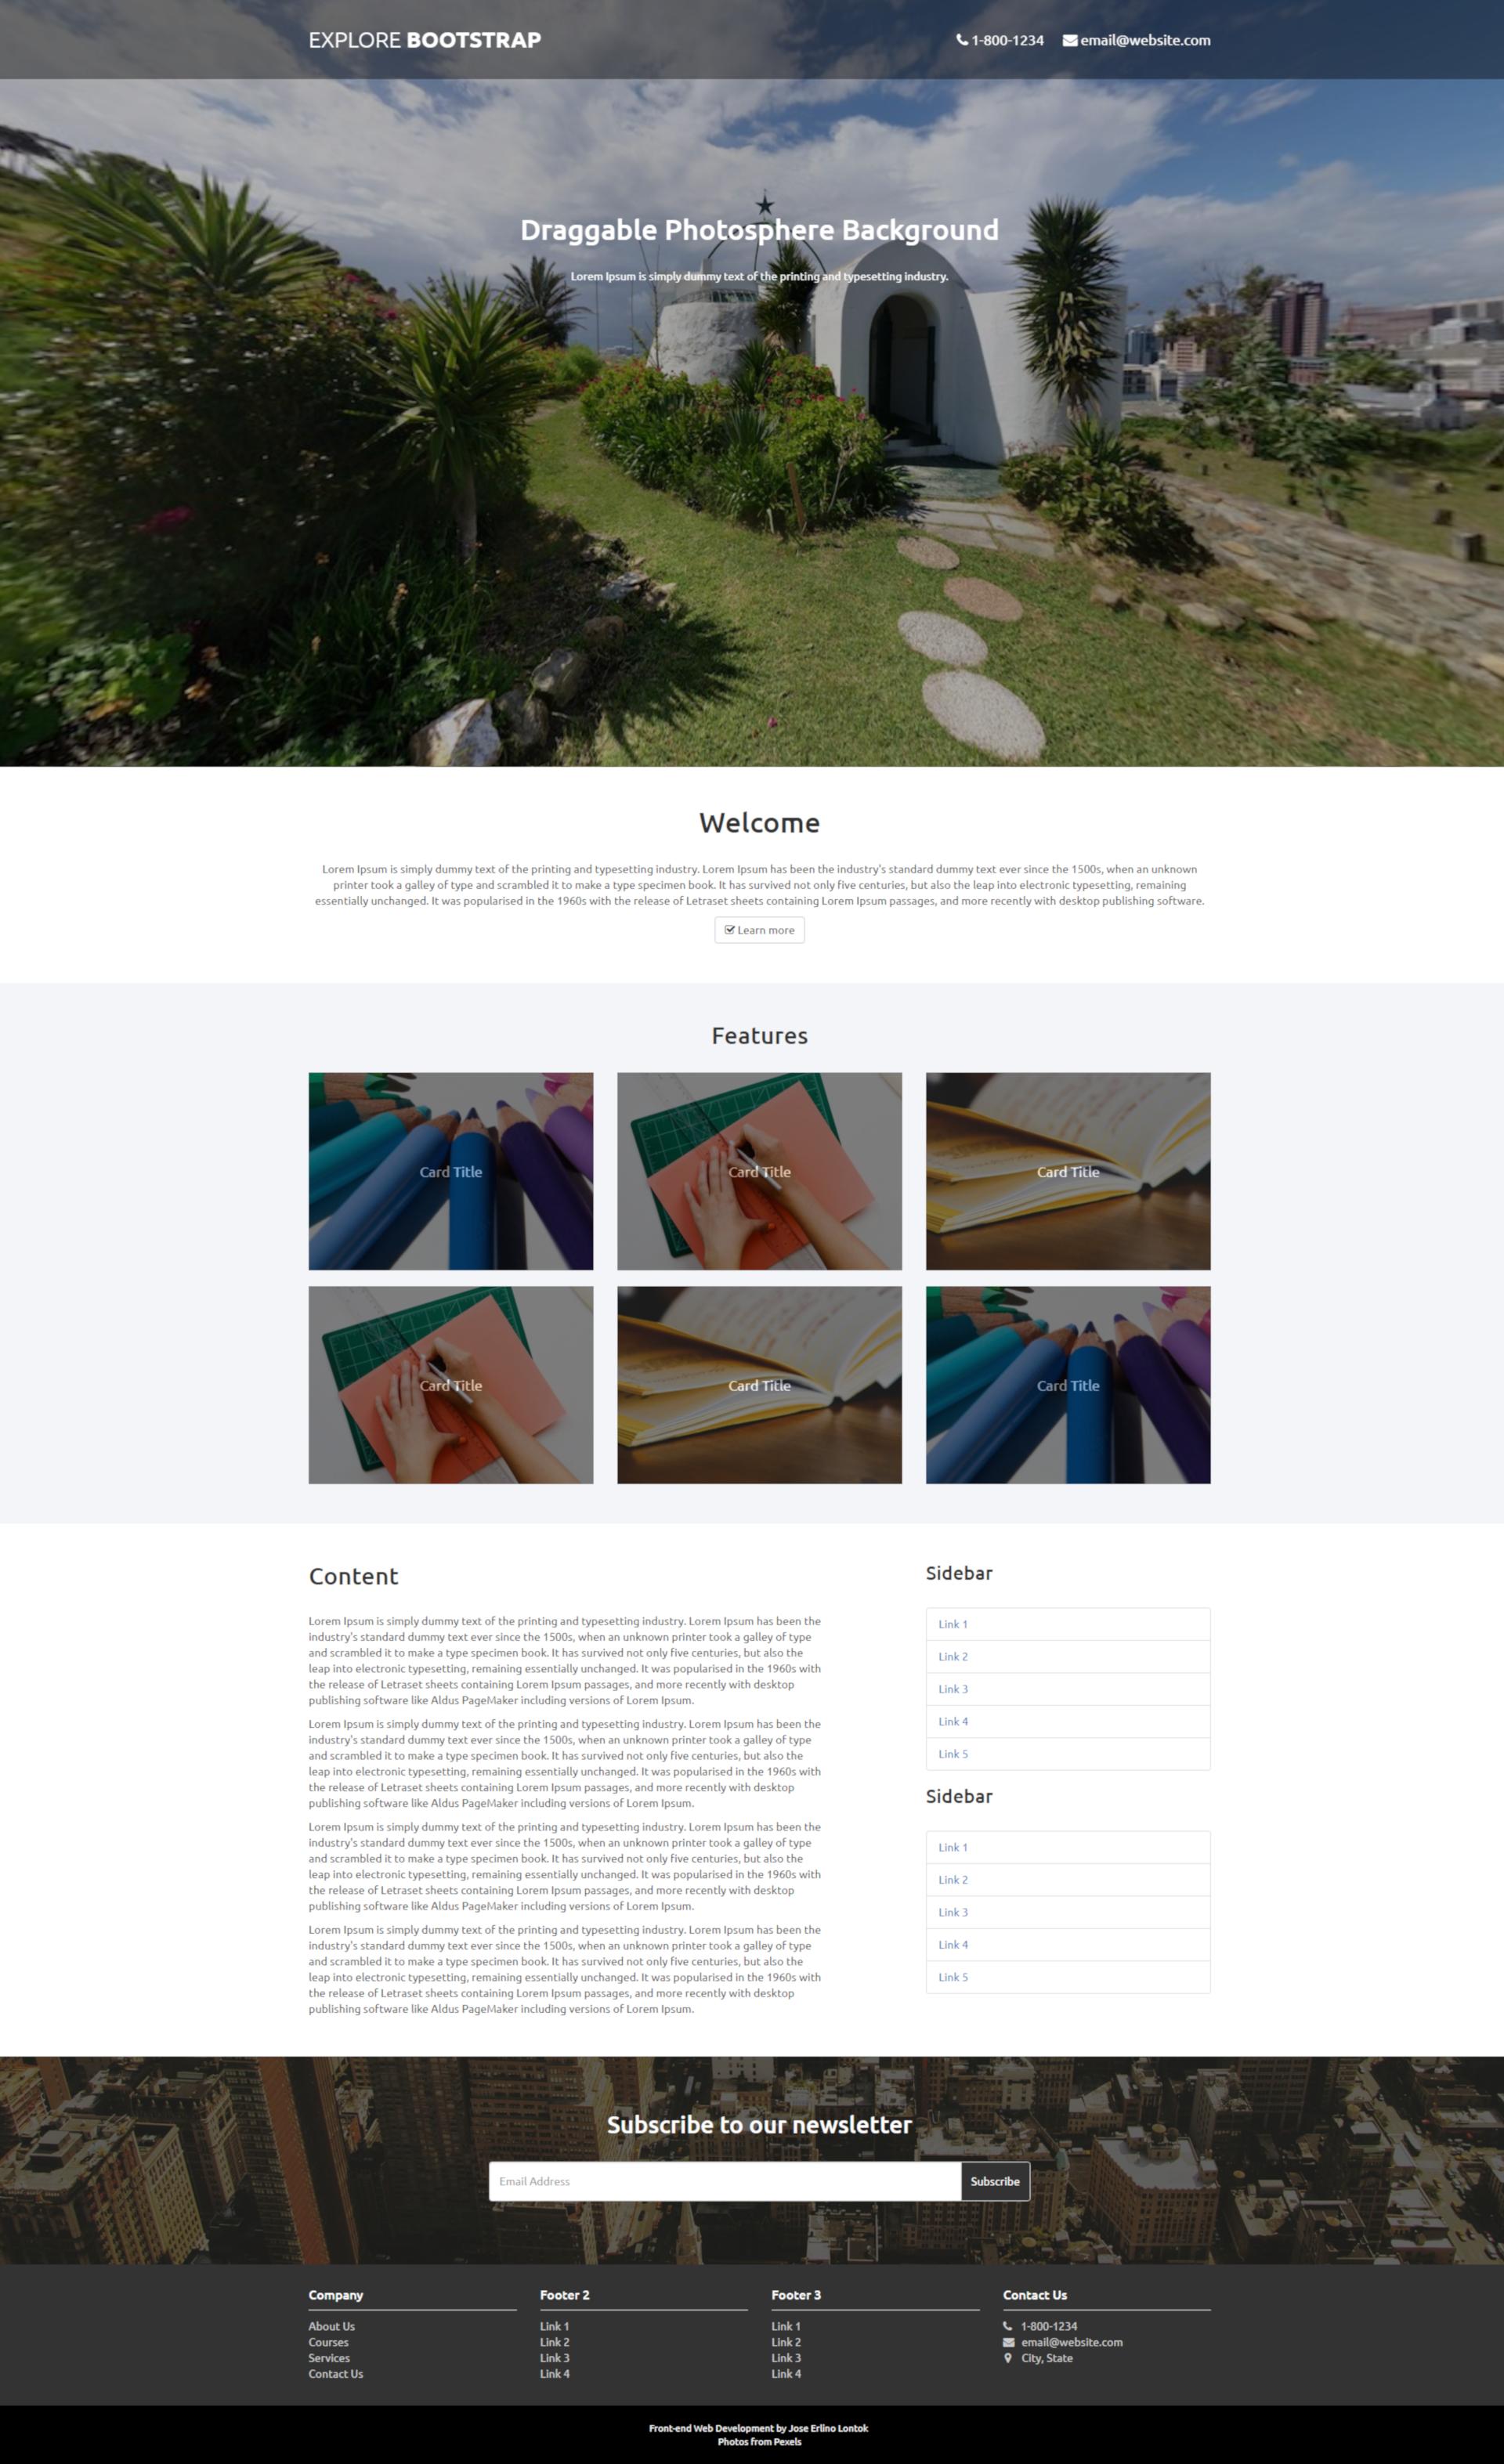 Explore Bootstrap - A Multi-Purpose Reponsive Bootstrap Template